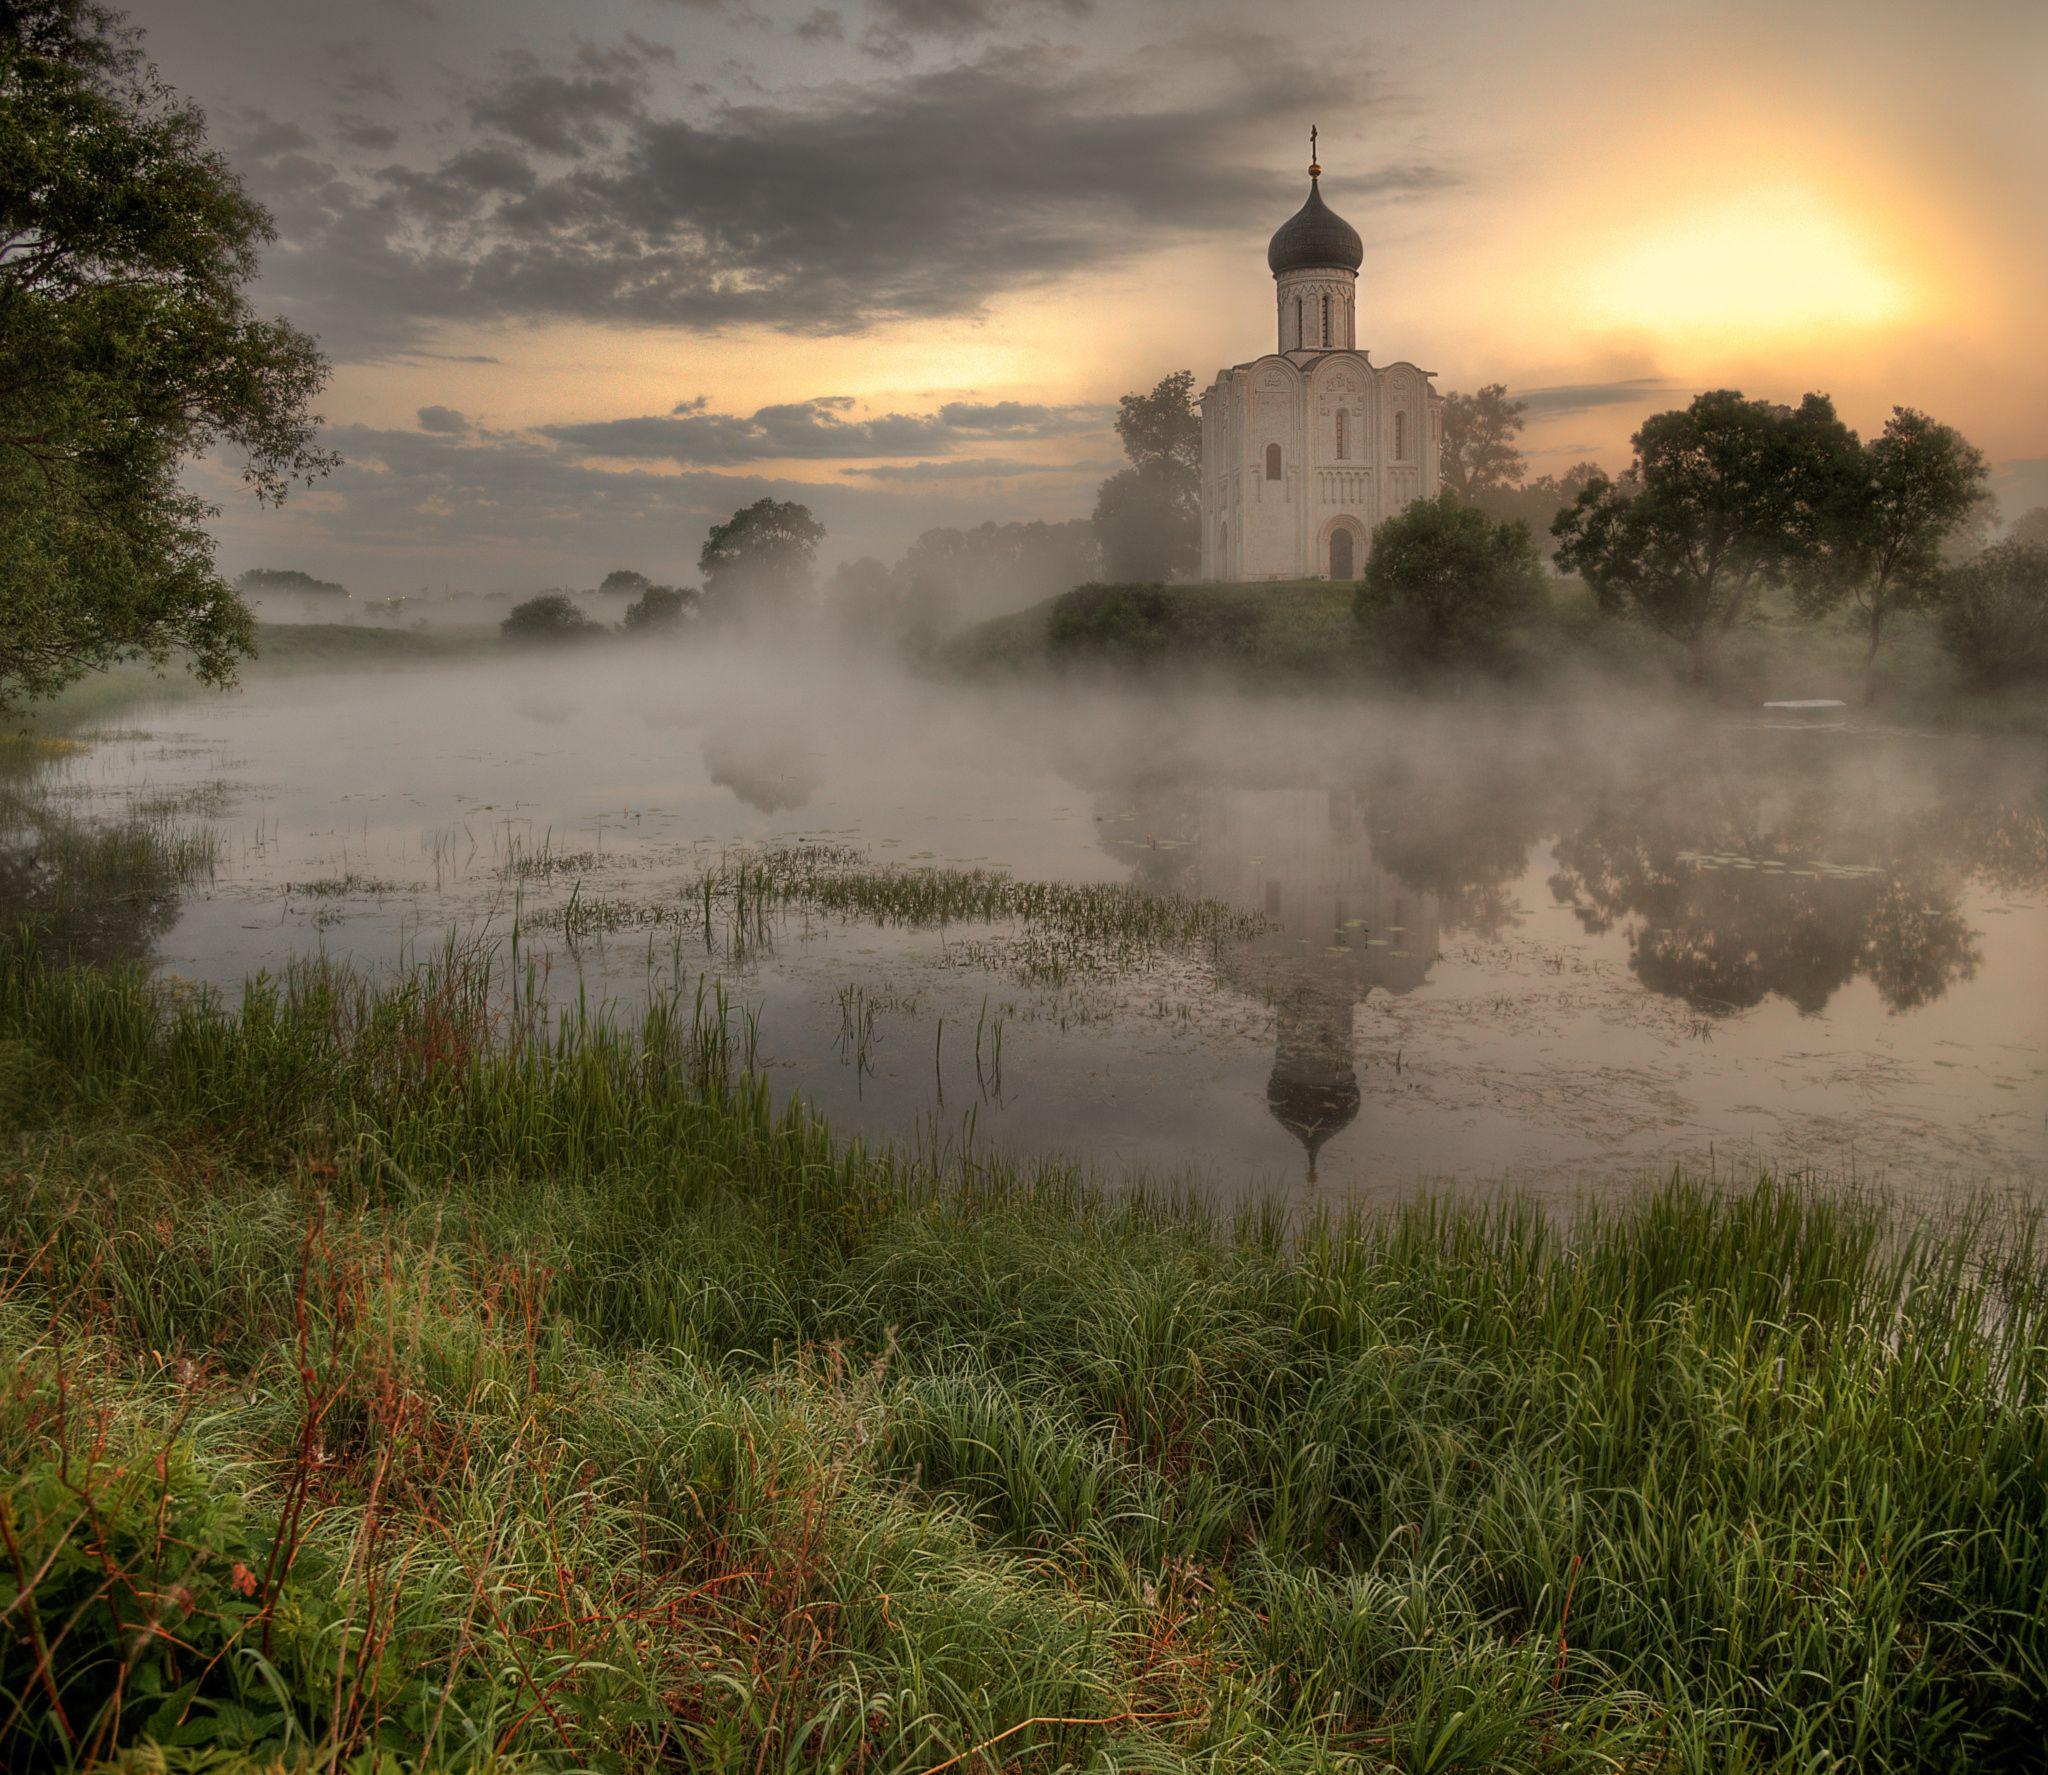 настолько вязок, туман и архитектура фотографии сушить легче обрабатывать